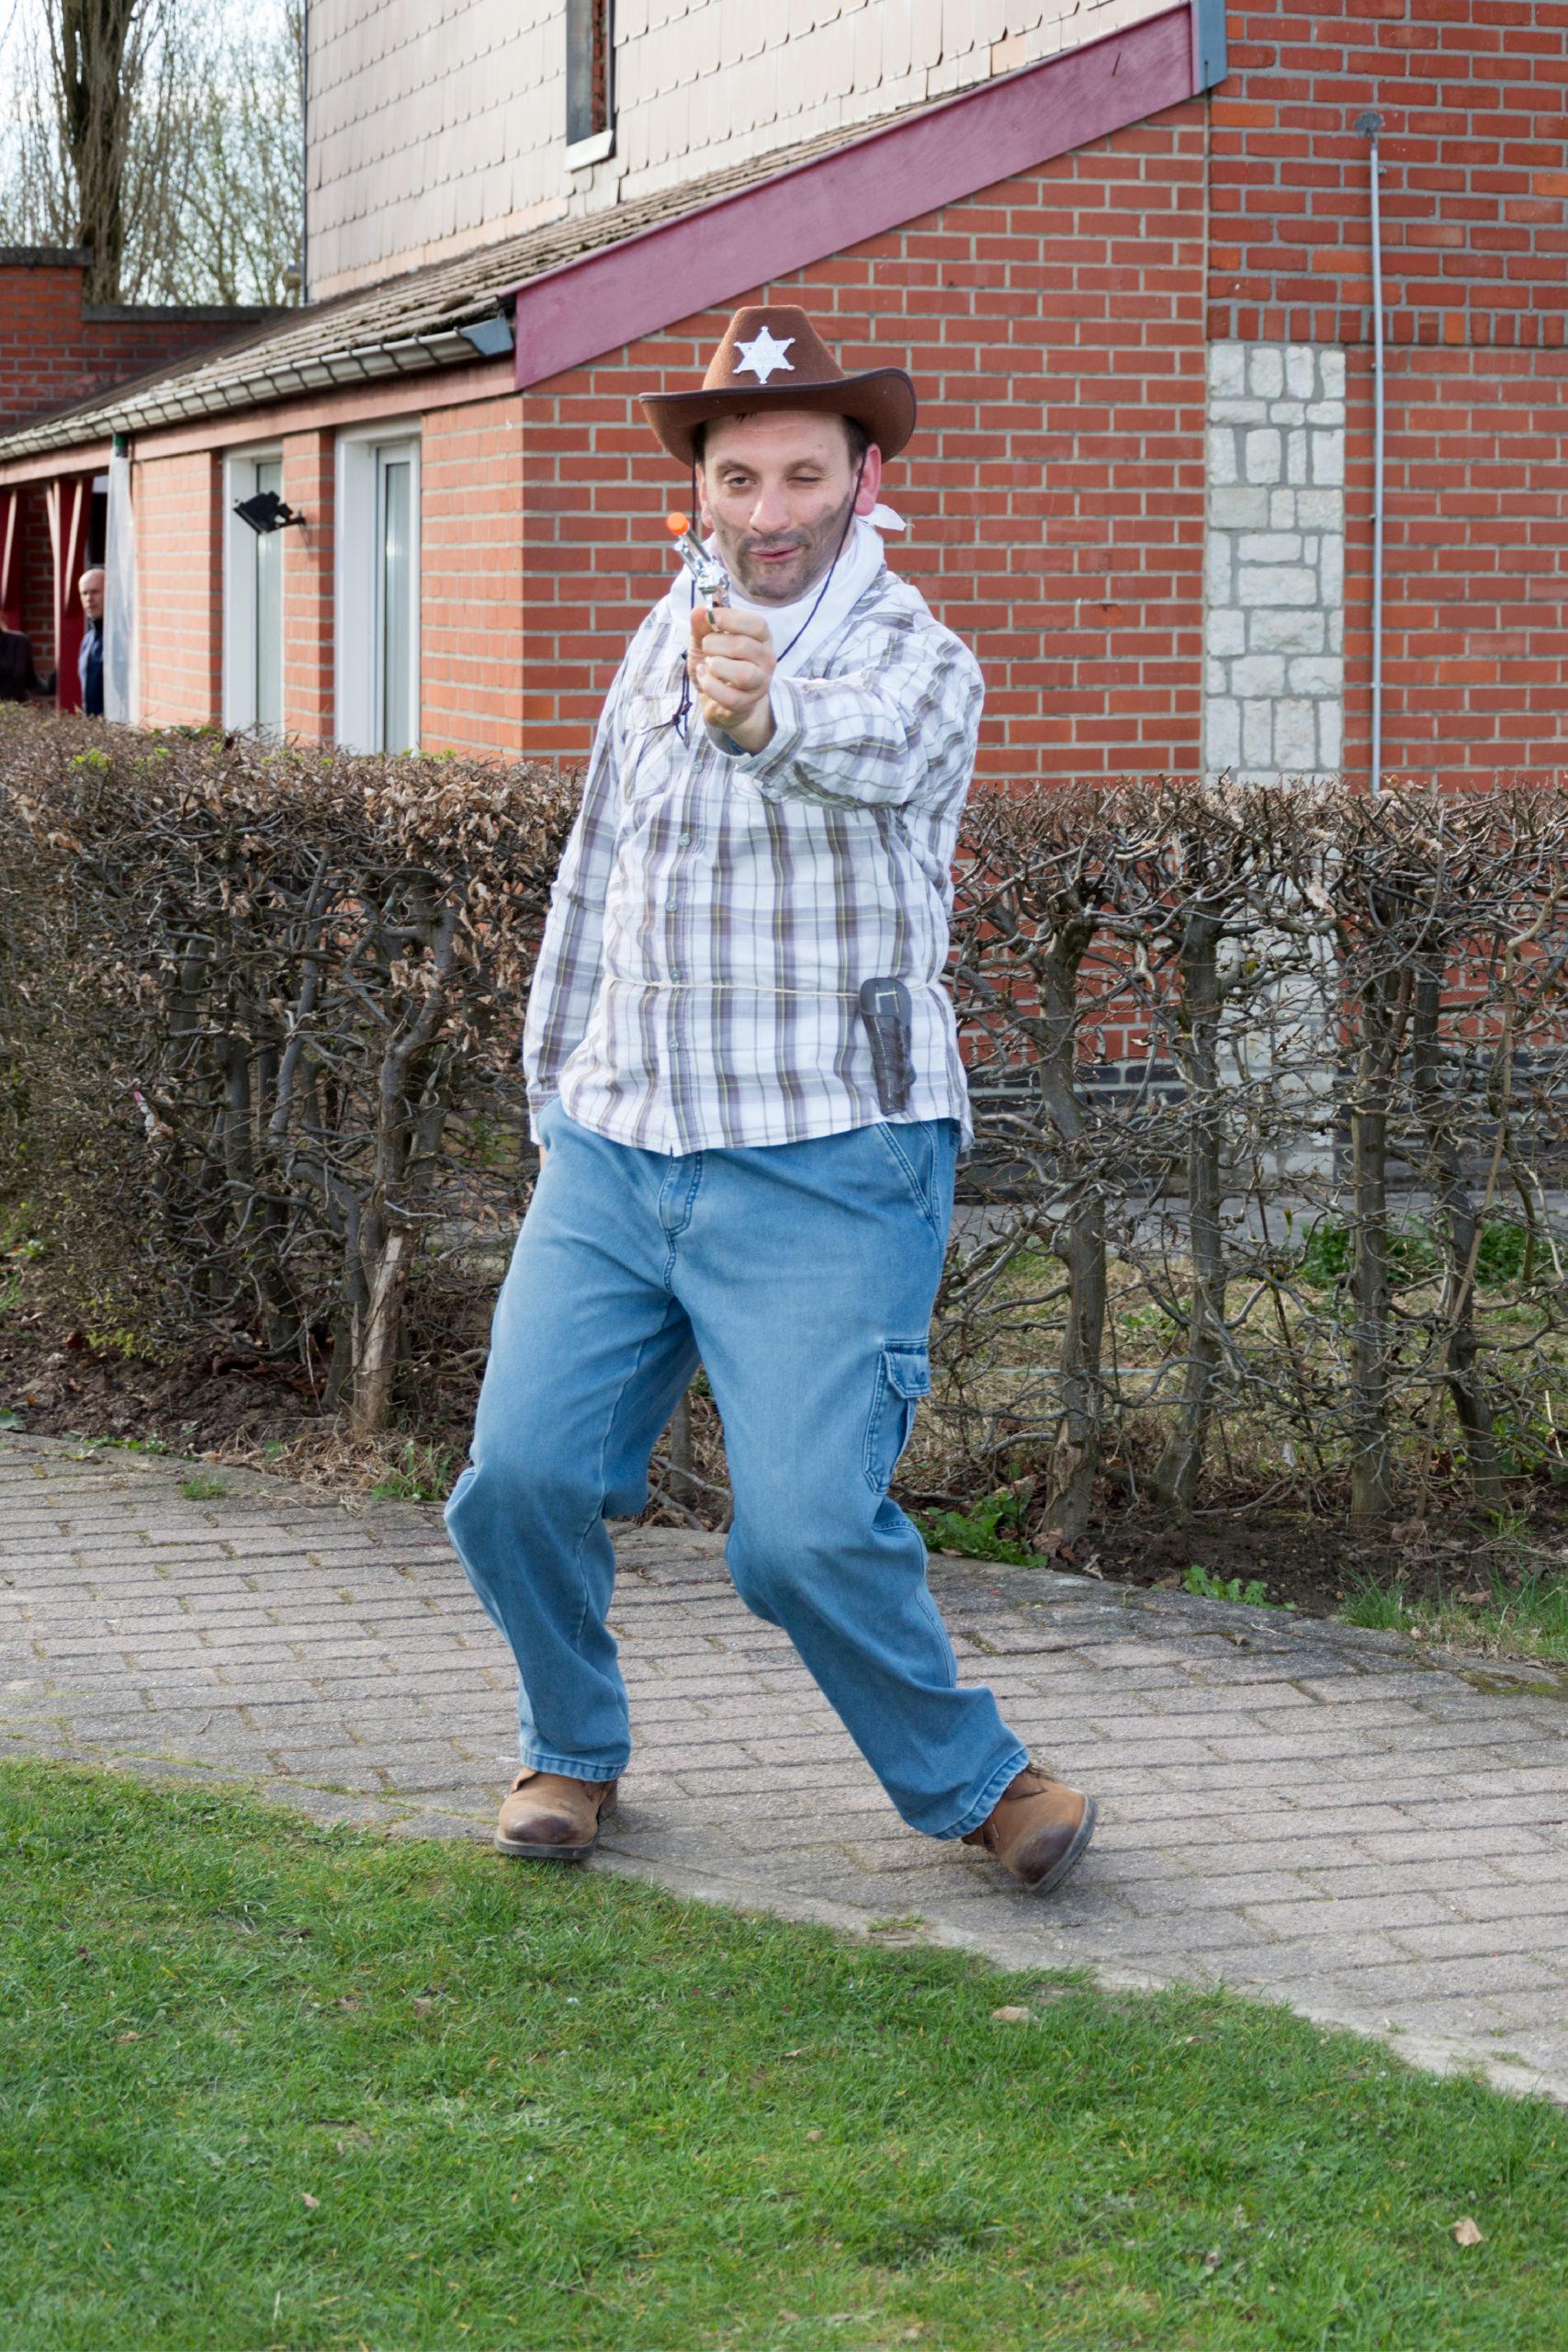 Homme handicapé à l'extérieur en tenue de cow-boy tirant dans notre direction avec son revolver en plastique